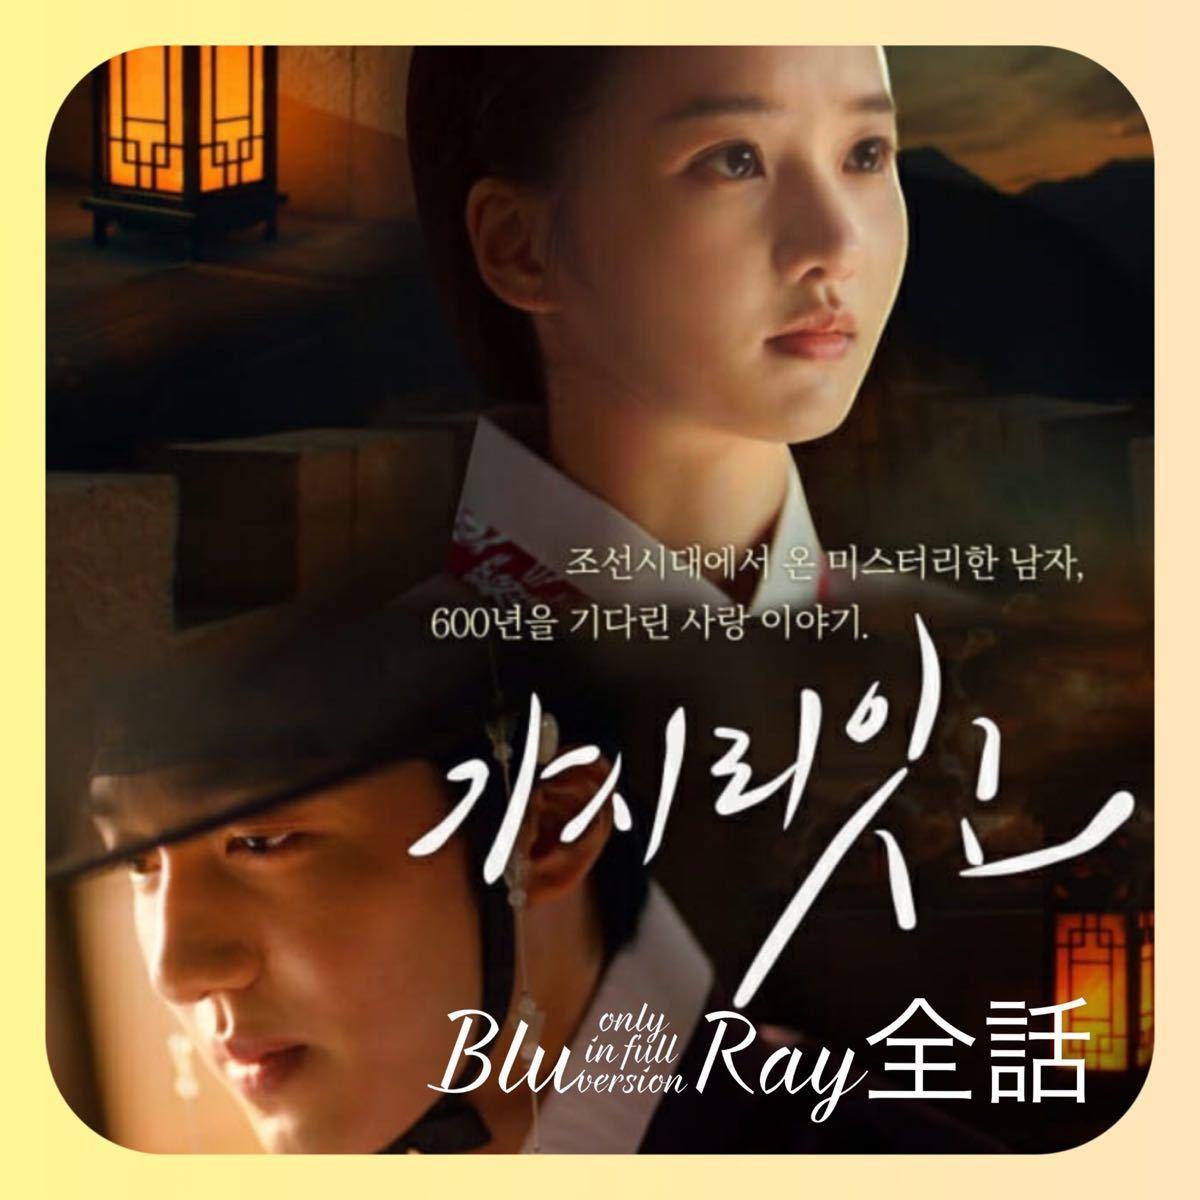 韓国ドラマ  君がくれた恋の詩 ーカシリイッコー。  全話 Blu-ray